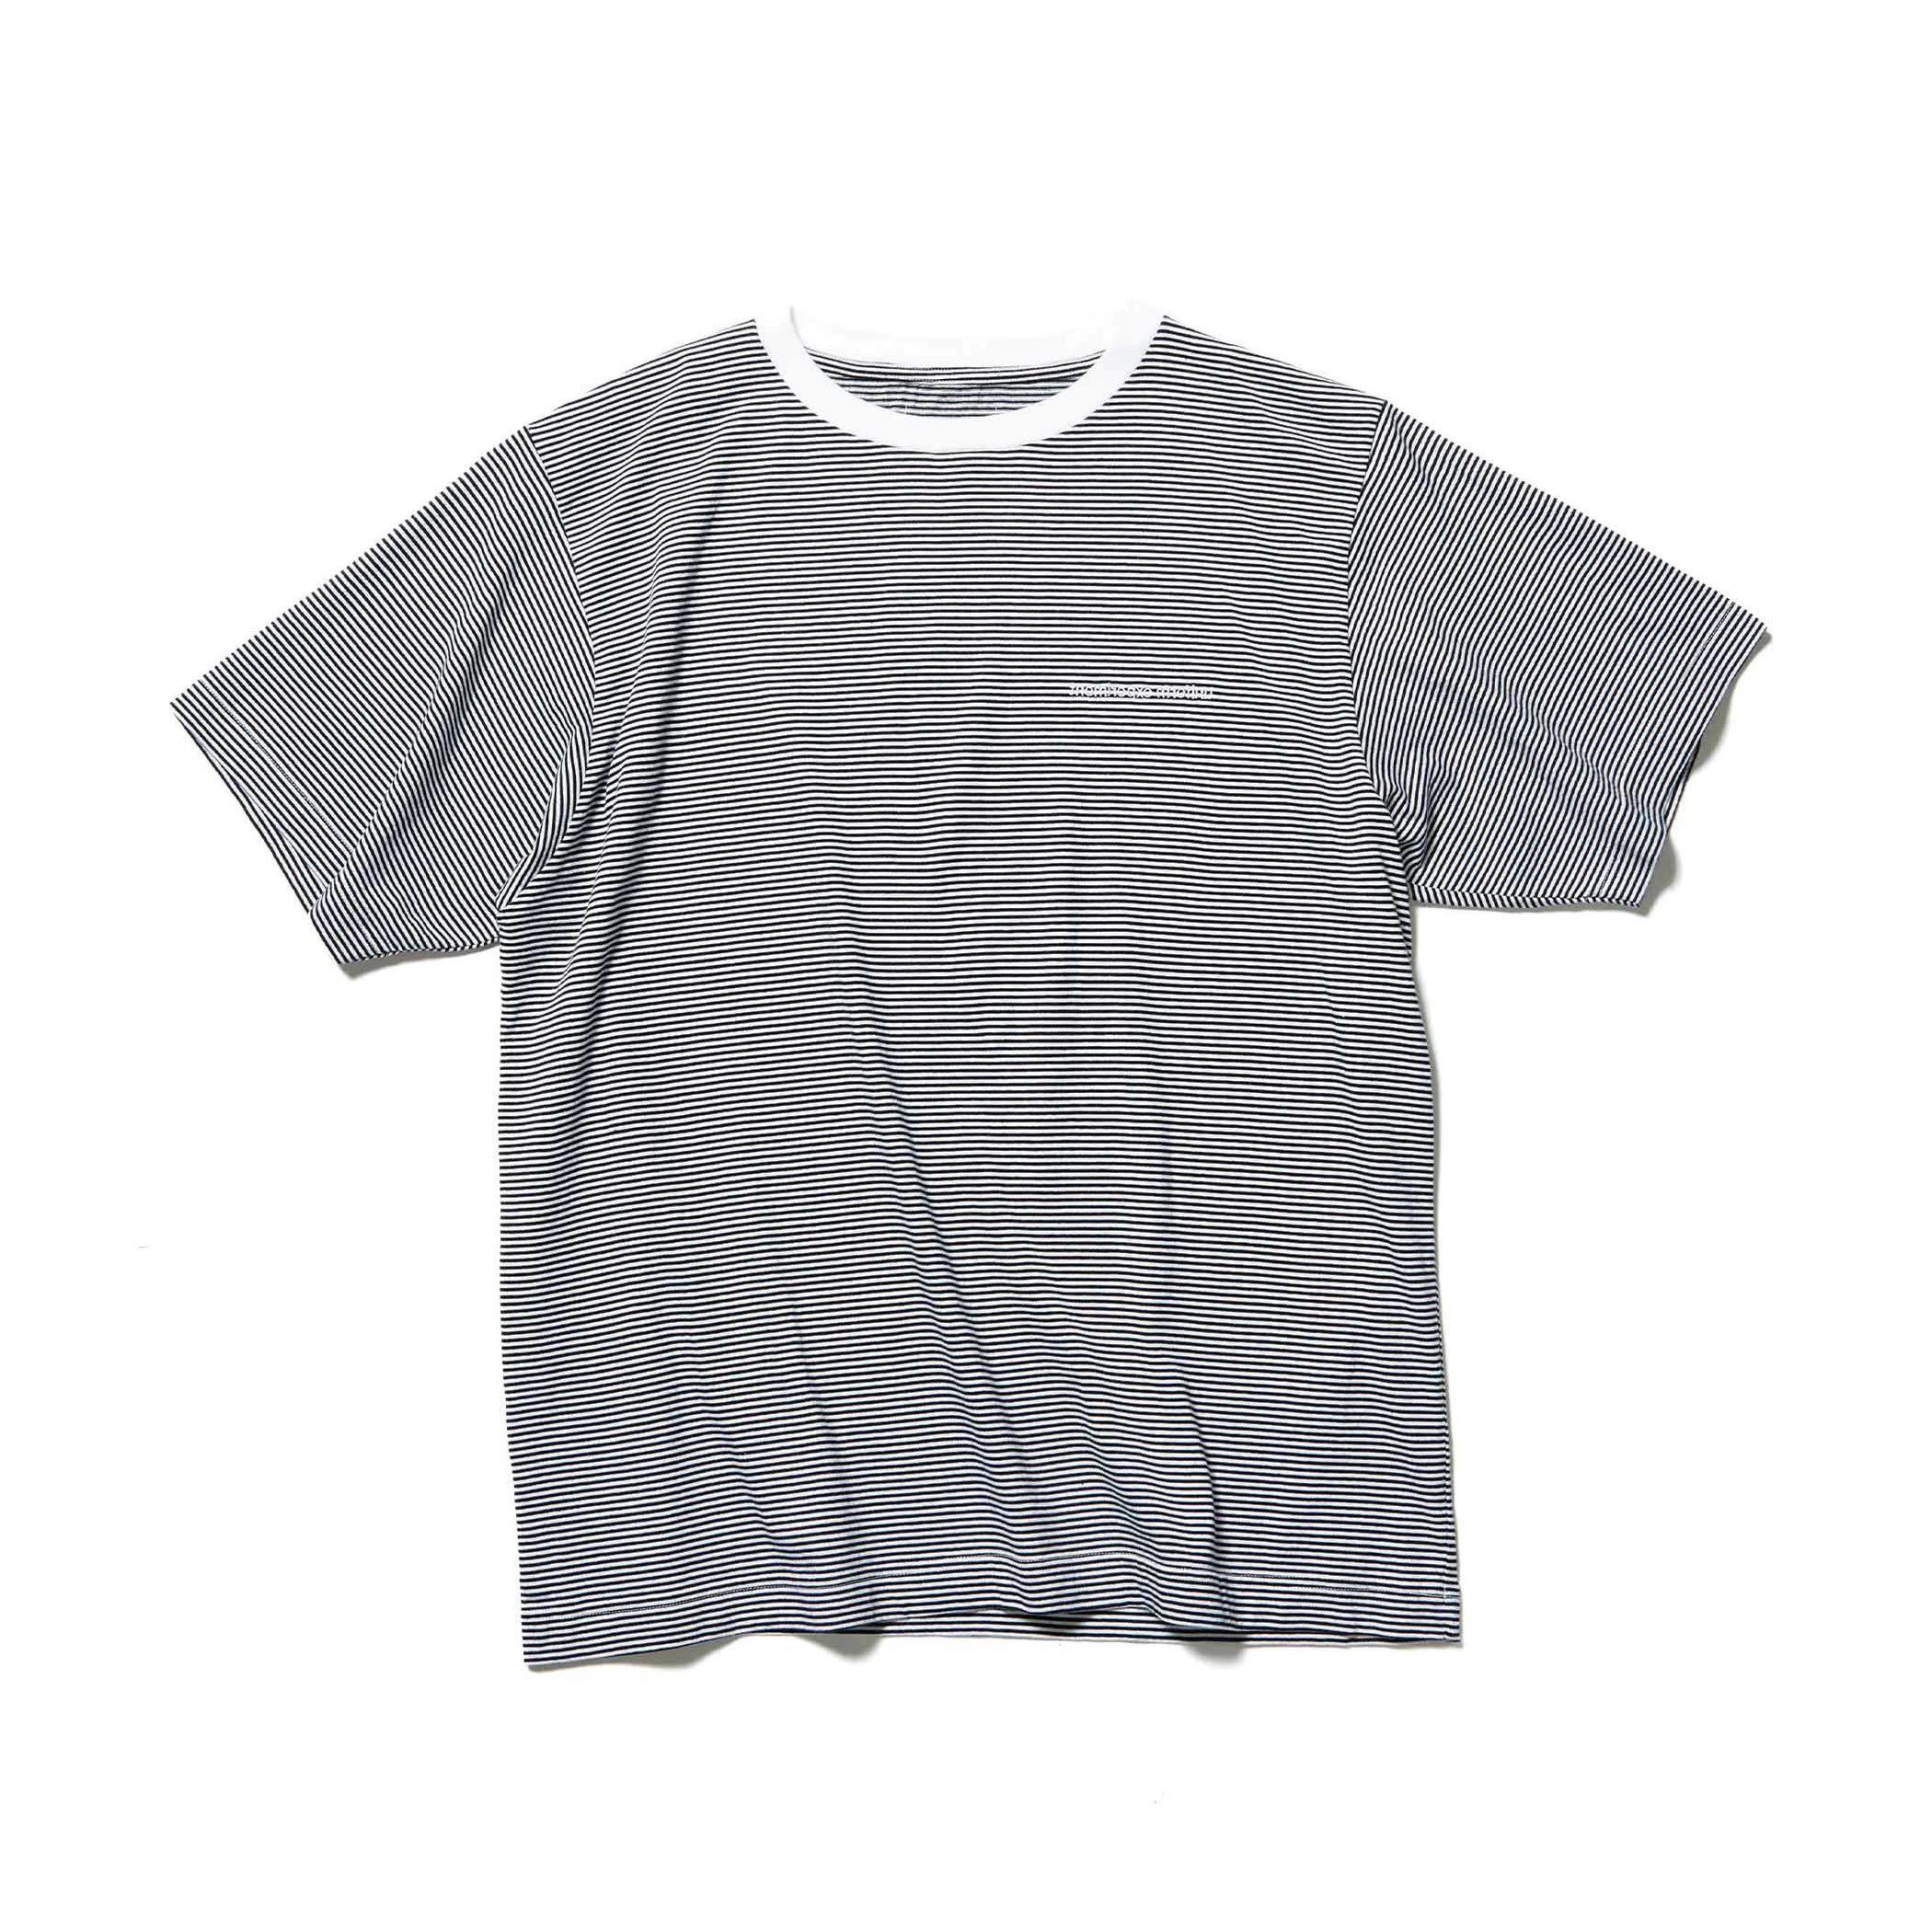 uniform experiment / NARROW BORDER WIDE TEE (Black)